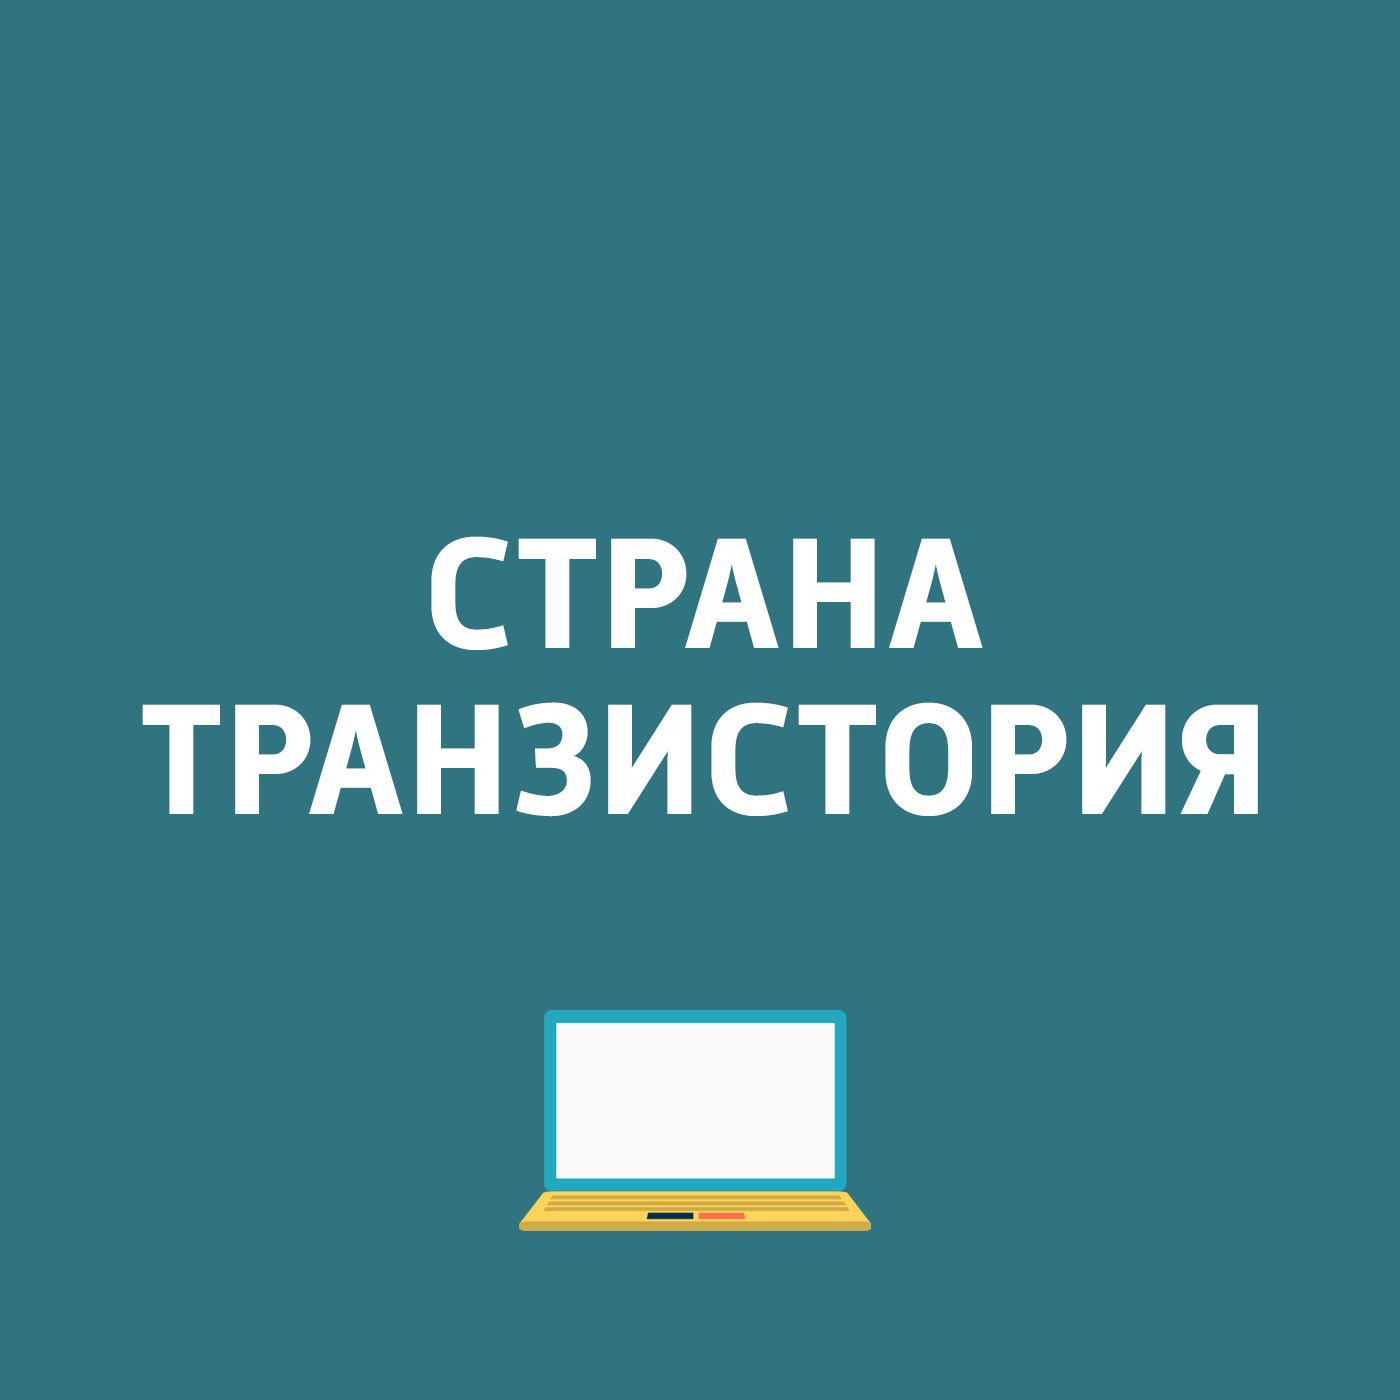 Картаев Павел Обзор новых смартфонов в июне; «Аэрофлот разрешил не выключать гаджеты картаев павел ламингтон